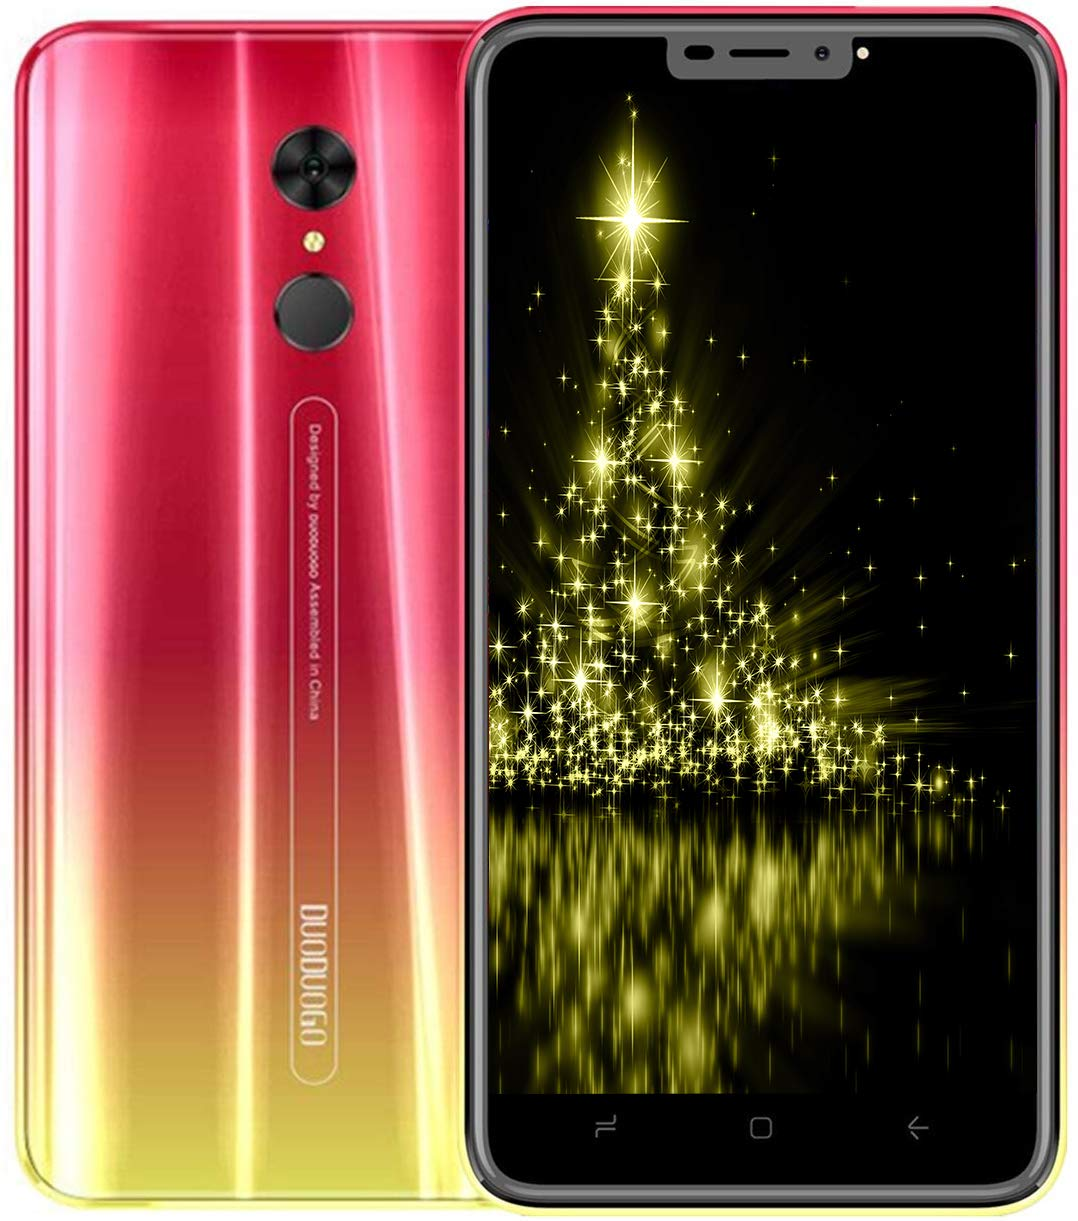 Moviles Baratos y buenos 4G Android 9.0, G55 Smartphone libre 5.5 ...